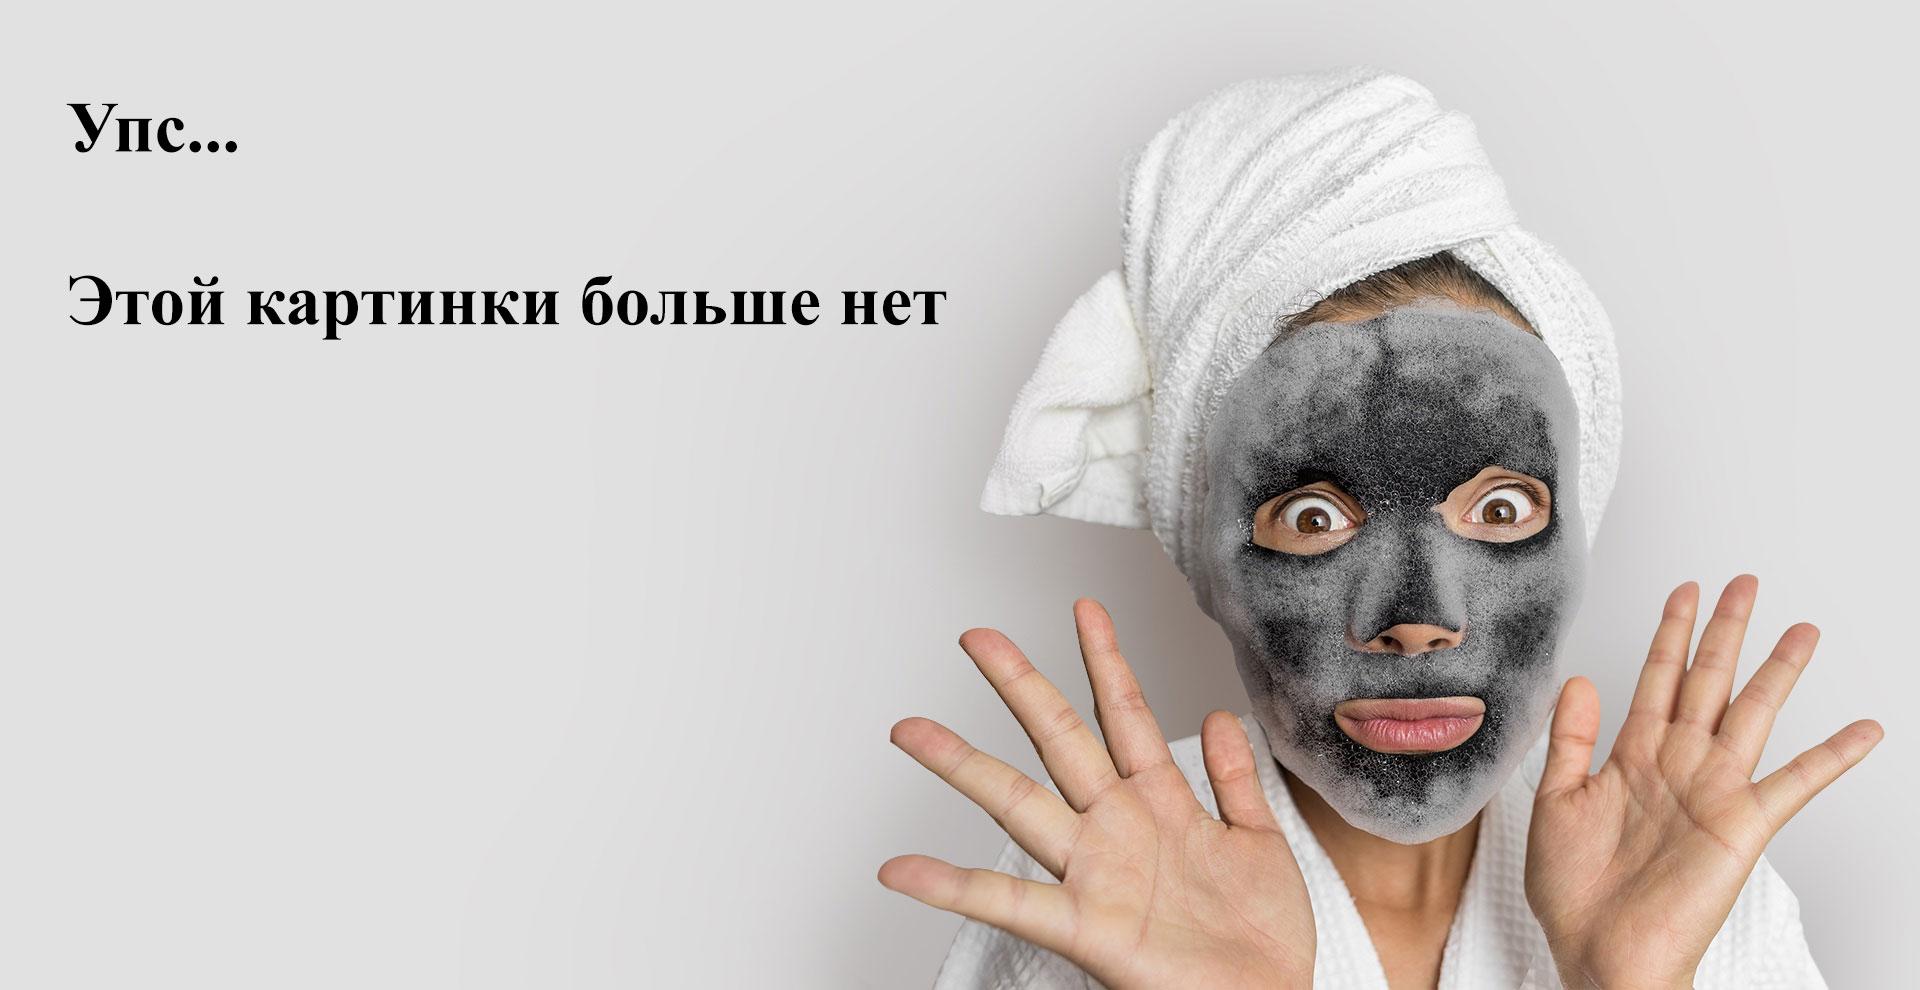 Etude Organix, Патчи «Забирай свои мешки!», 2 г